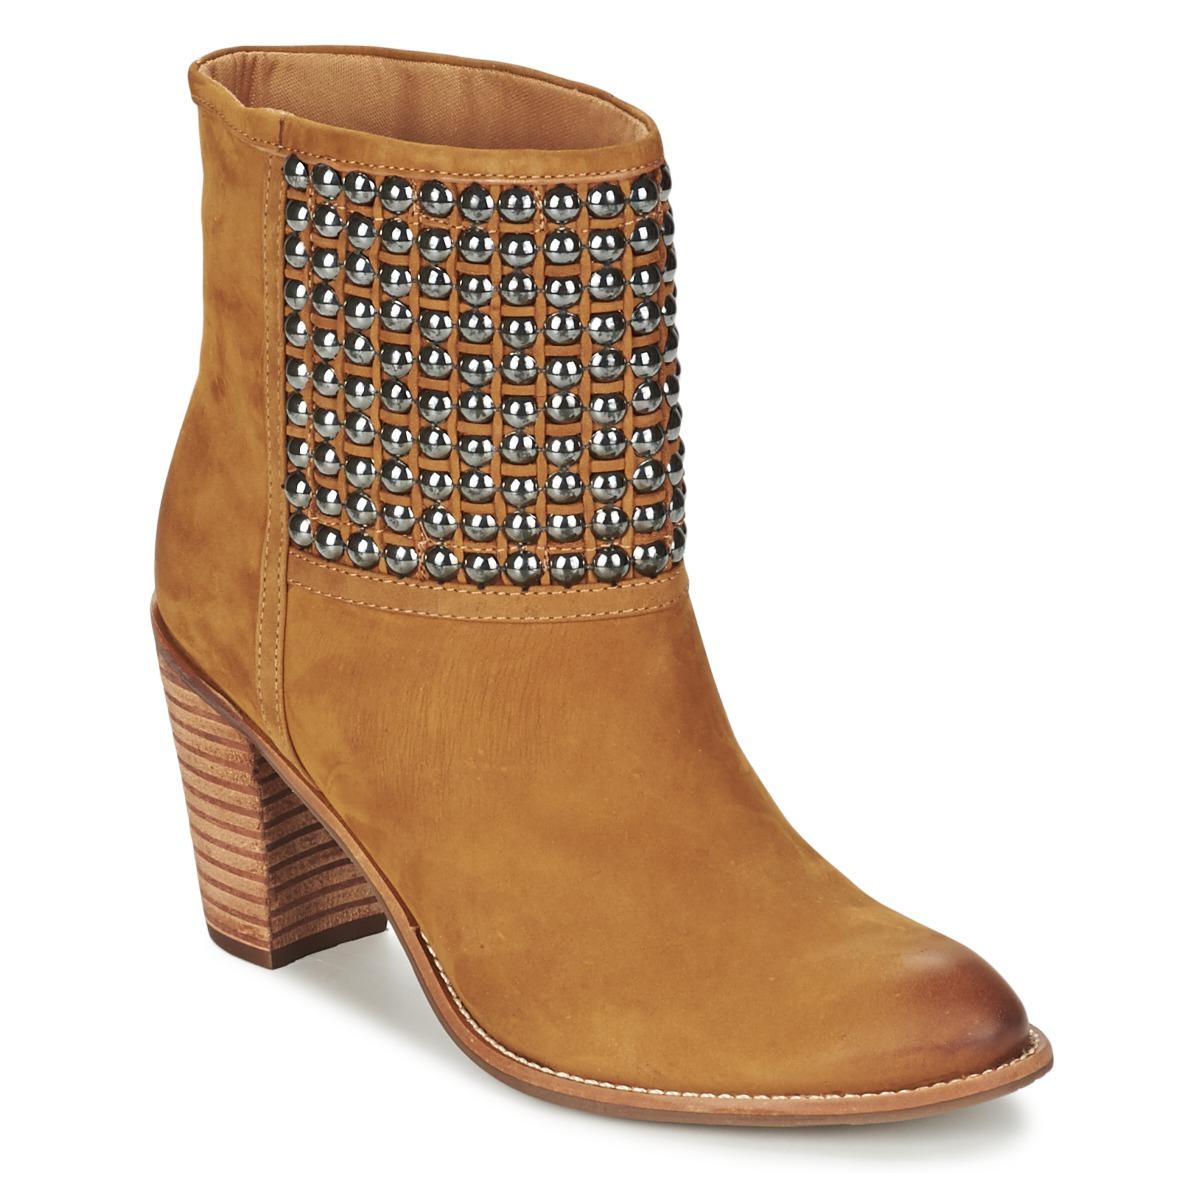 Dumond GUOUZI Braun - Kostenloser Versand bei Spartoode ! - Schuhe Low Boots Damen 84,50 €